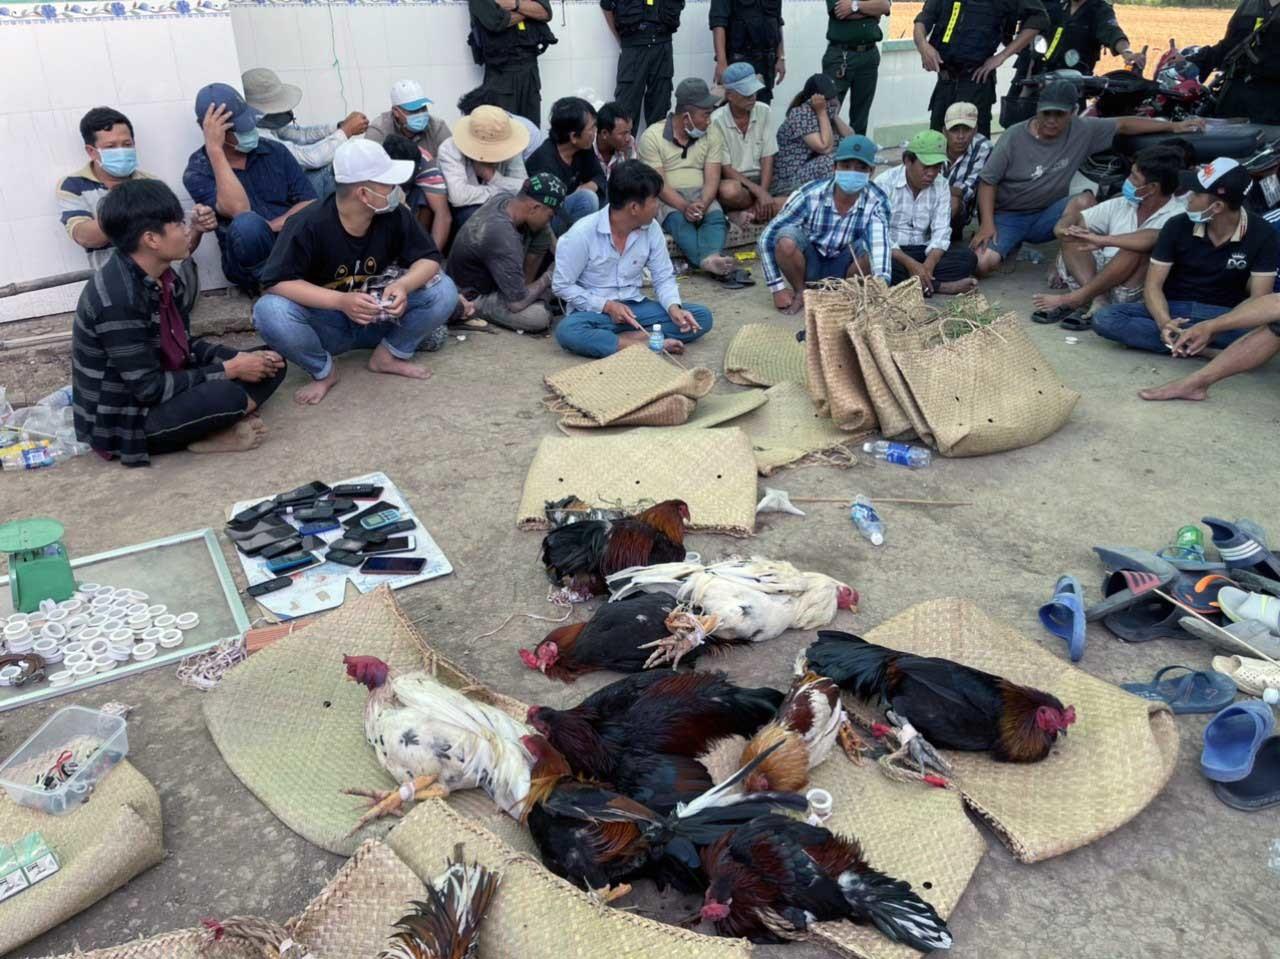 Cảnh sát hóa trang thành đại gia, đánh úp trường gà lớn ở Tiền Giang